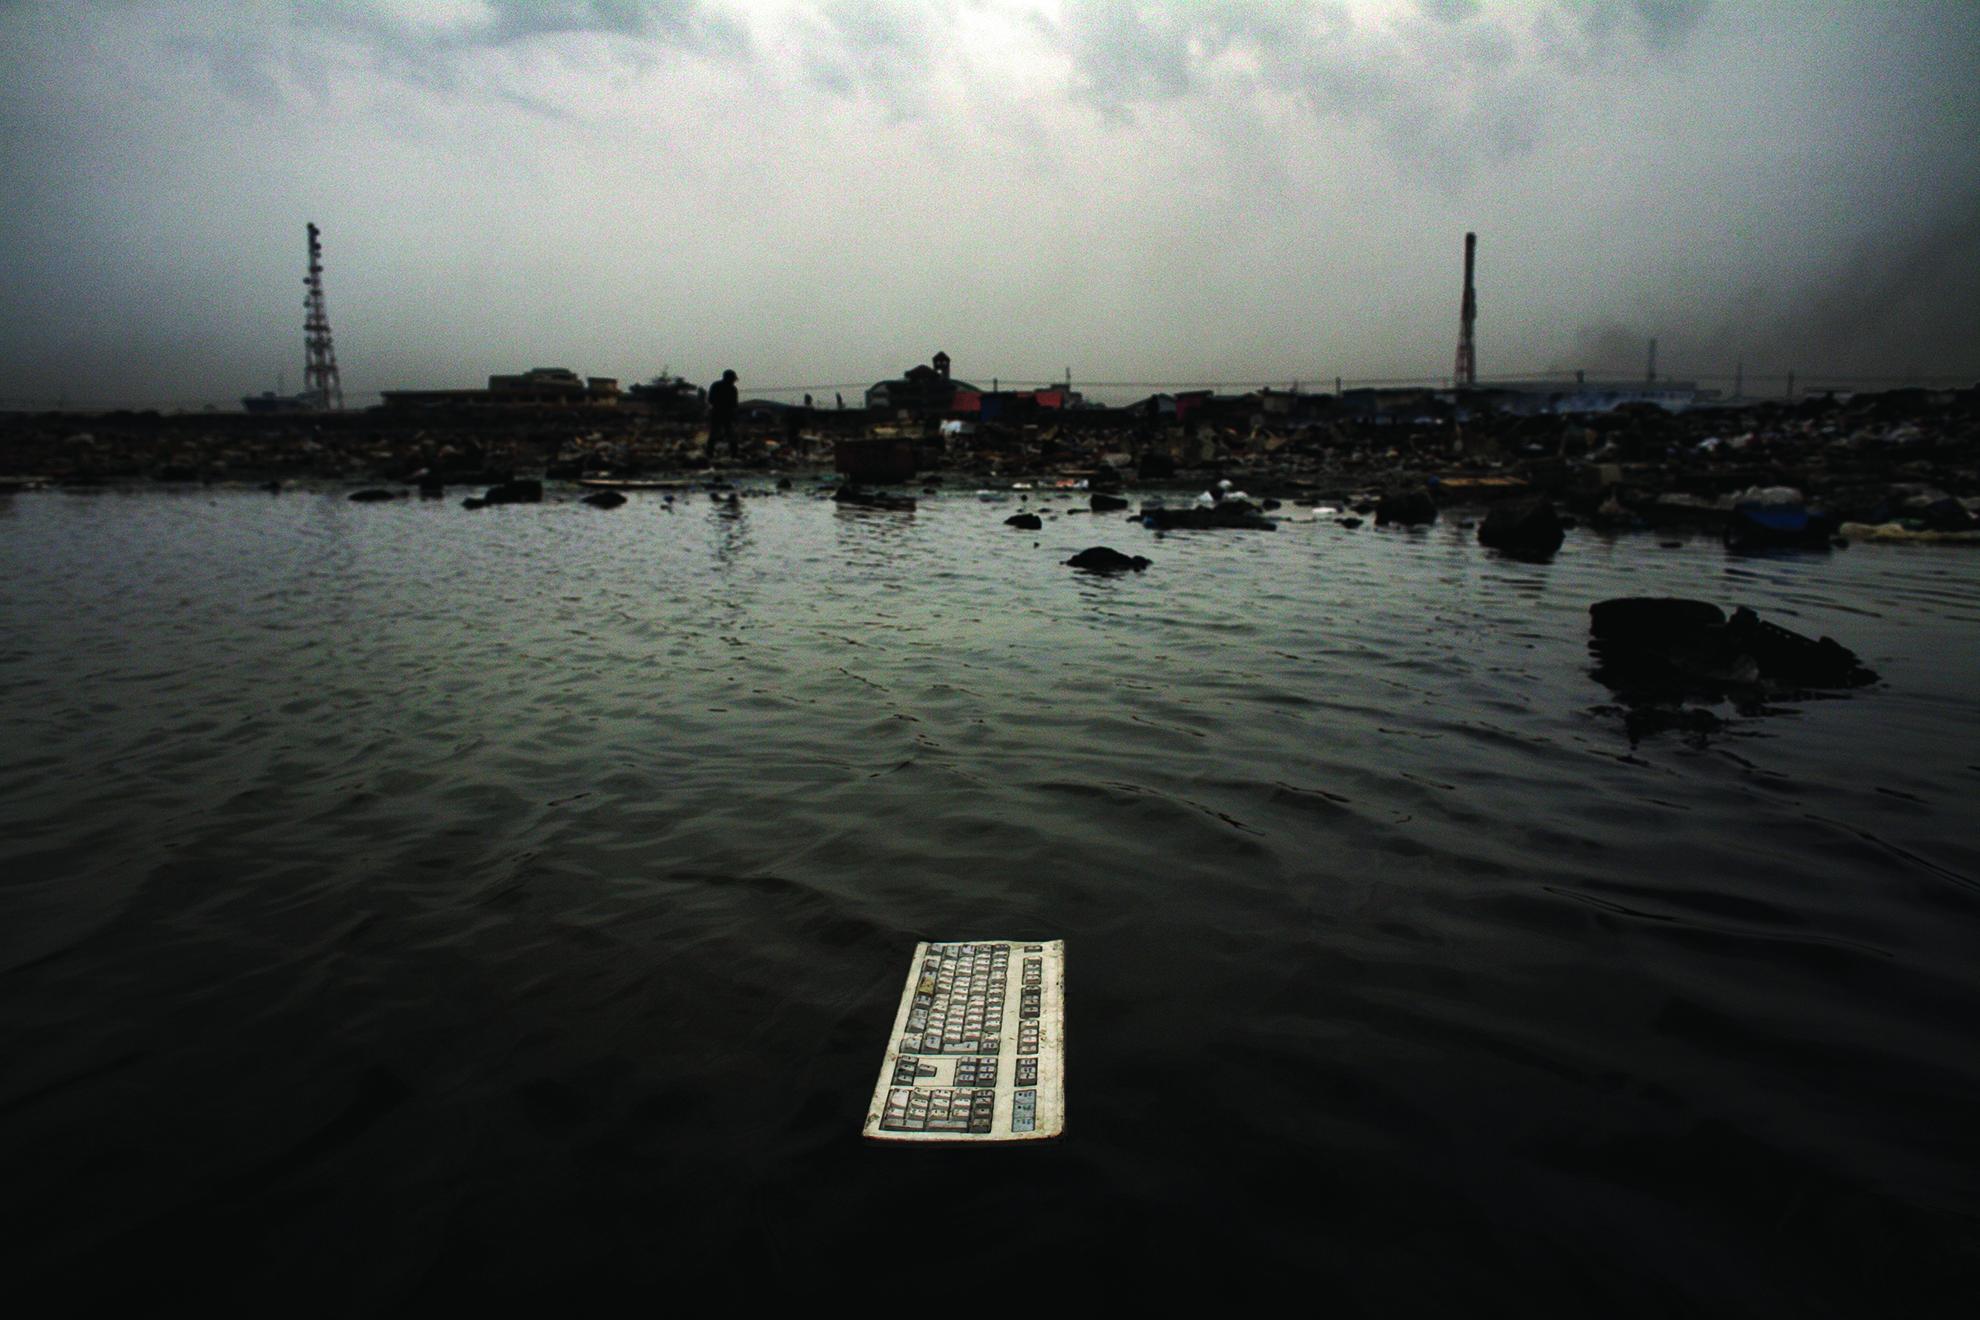 Un teclado yace en una laguna contaminada en el vertedero de Agbogbloshie en Accra, Ghana. Residuos electrónicos desechados en África Occidental por los Estados Unidos y Europa; muchos de los elementos tóxicos contenidos en estos residuos suponen una amenaza para la vida humana, las reservas de agua y el medio ambiente.